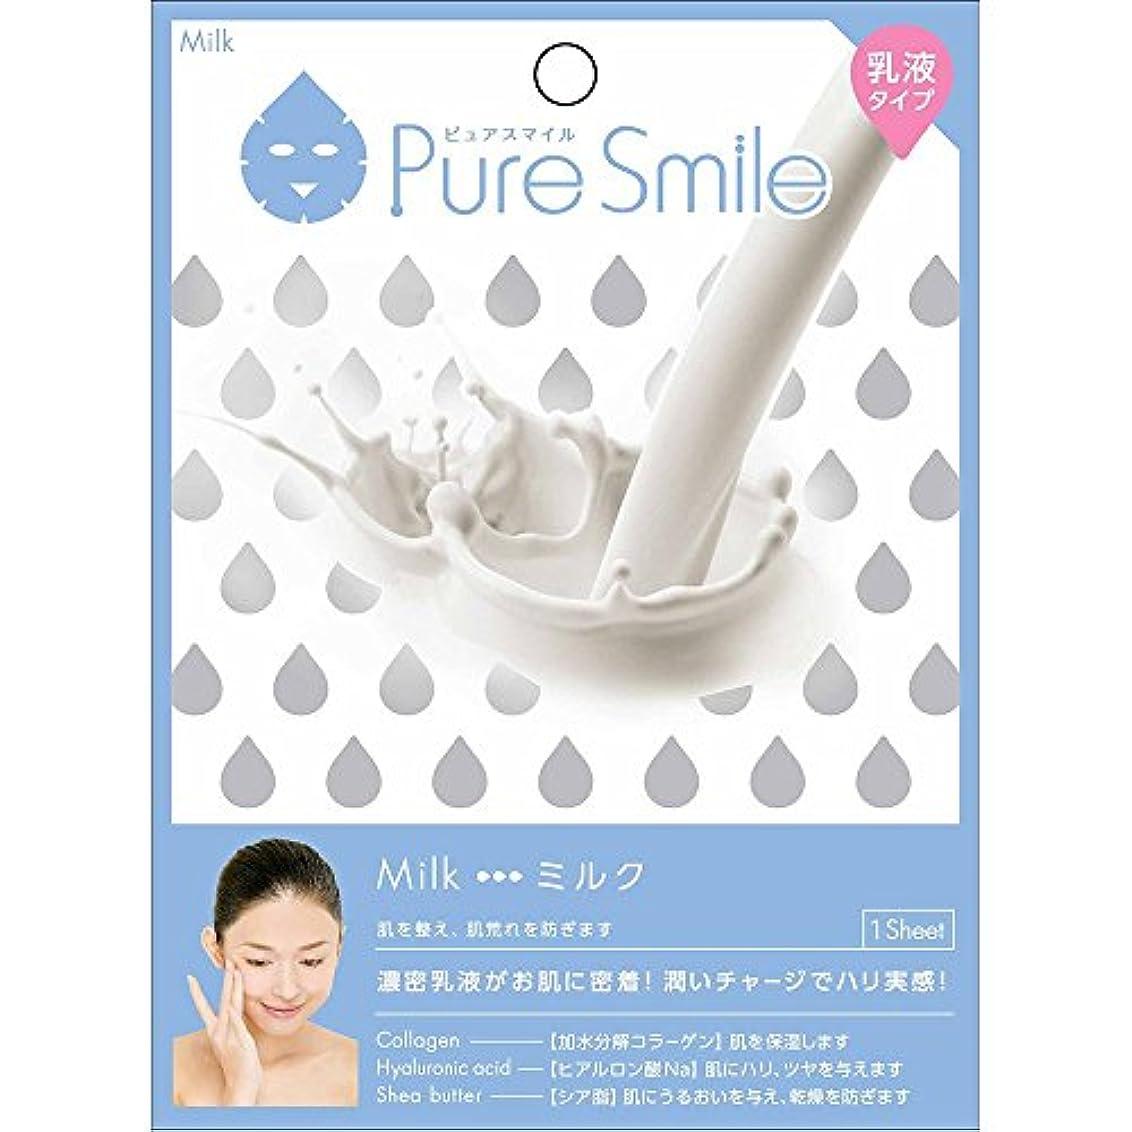 チョコレート計算可能福祉Pure Smile(ピュアスマイル) 乳液エッセンスマスク 1 枚 ミルク